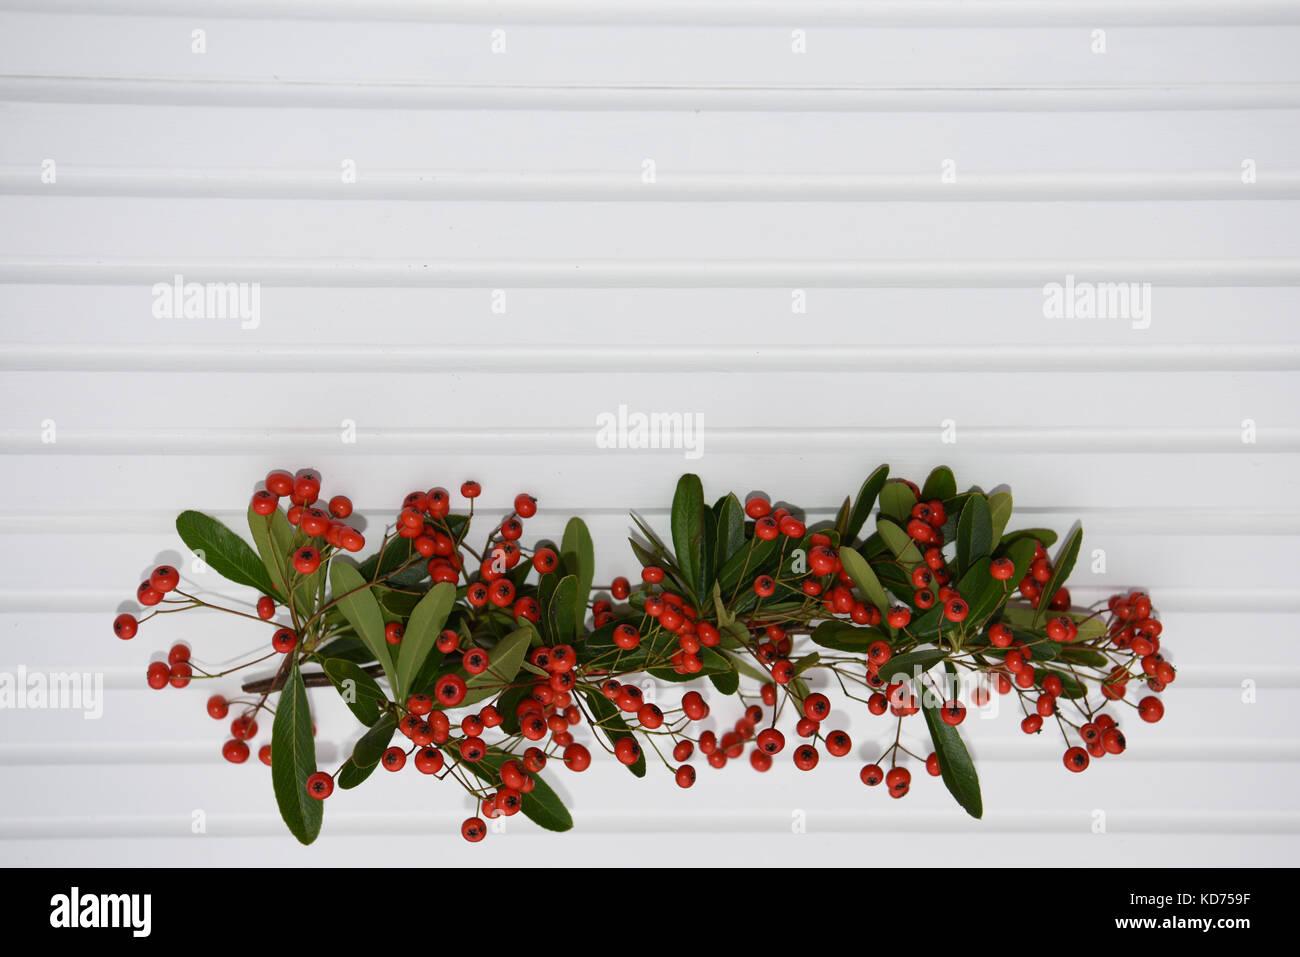 pflanze mit roten beeren weihnachten immergr ne pflanze pernettya mit roten beeren gaultheria. Black Bedroom Furniture Sets. Home Design Ideas